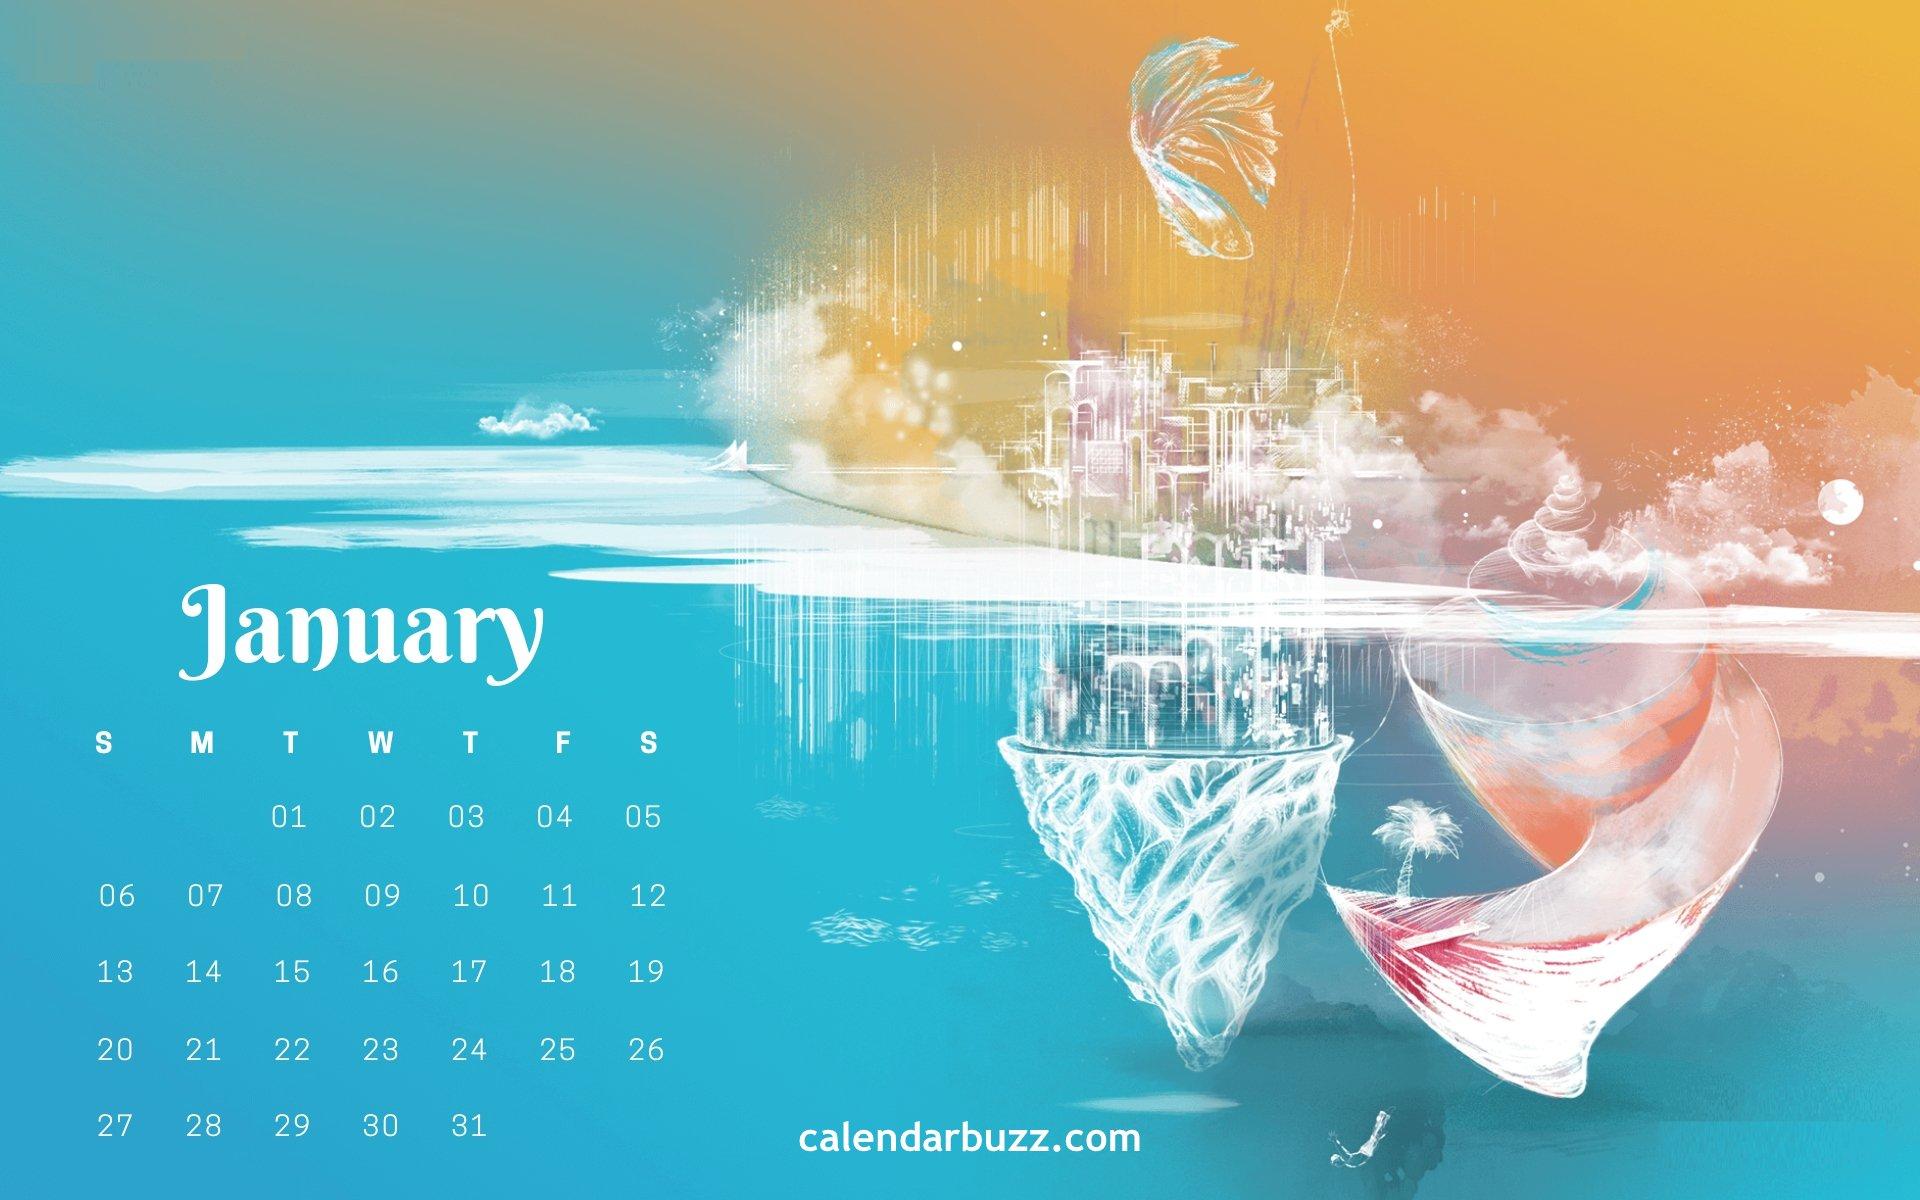 January 2019 Calendar Wallpapers Download CalendarBuzz 1920x1200